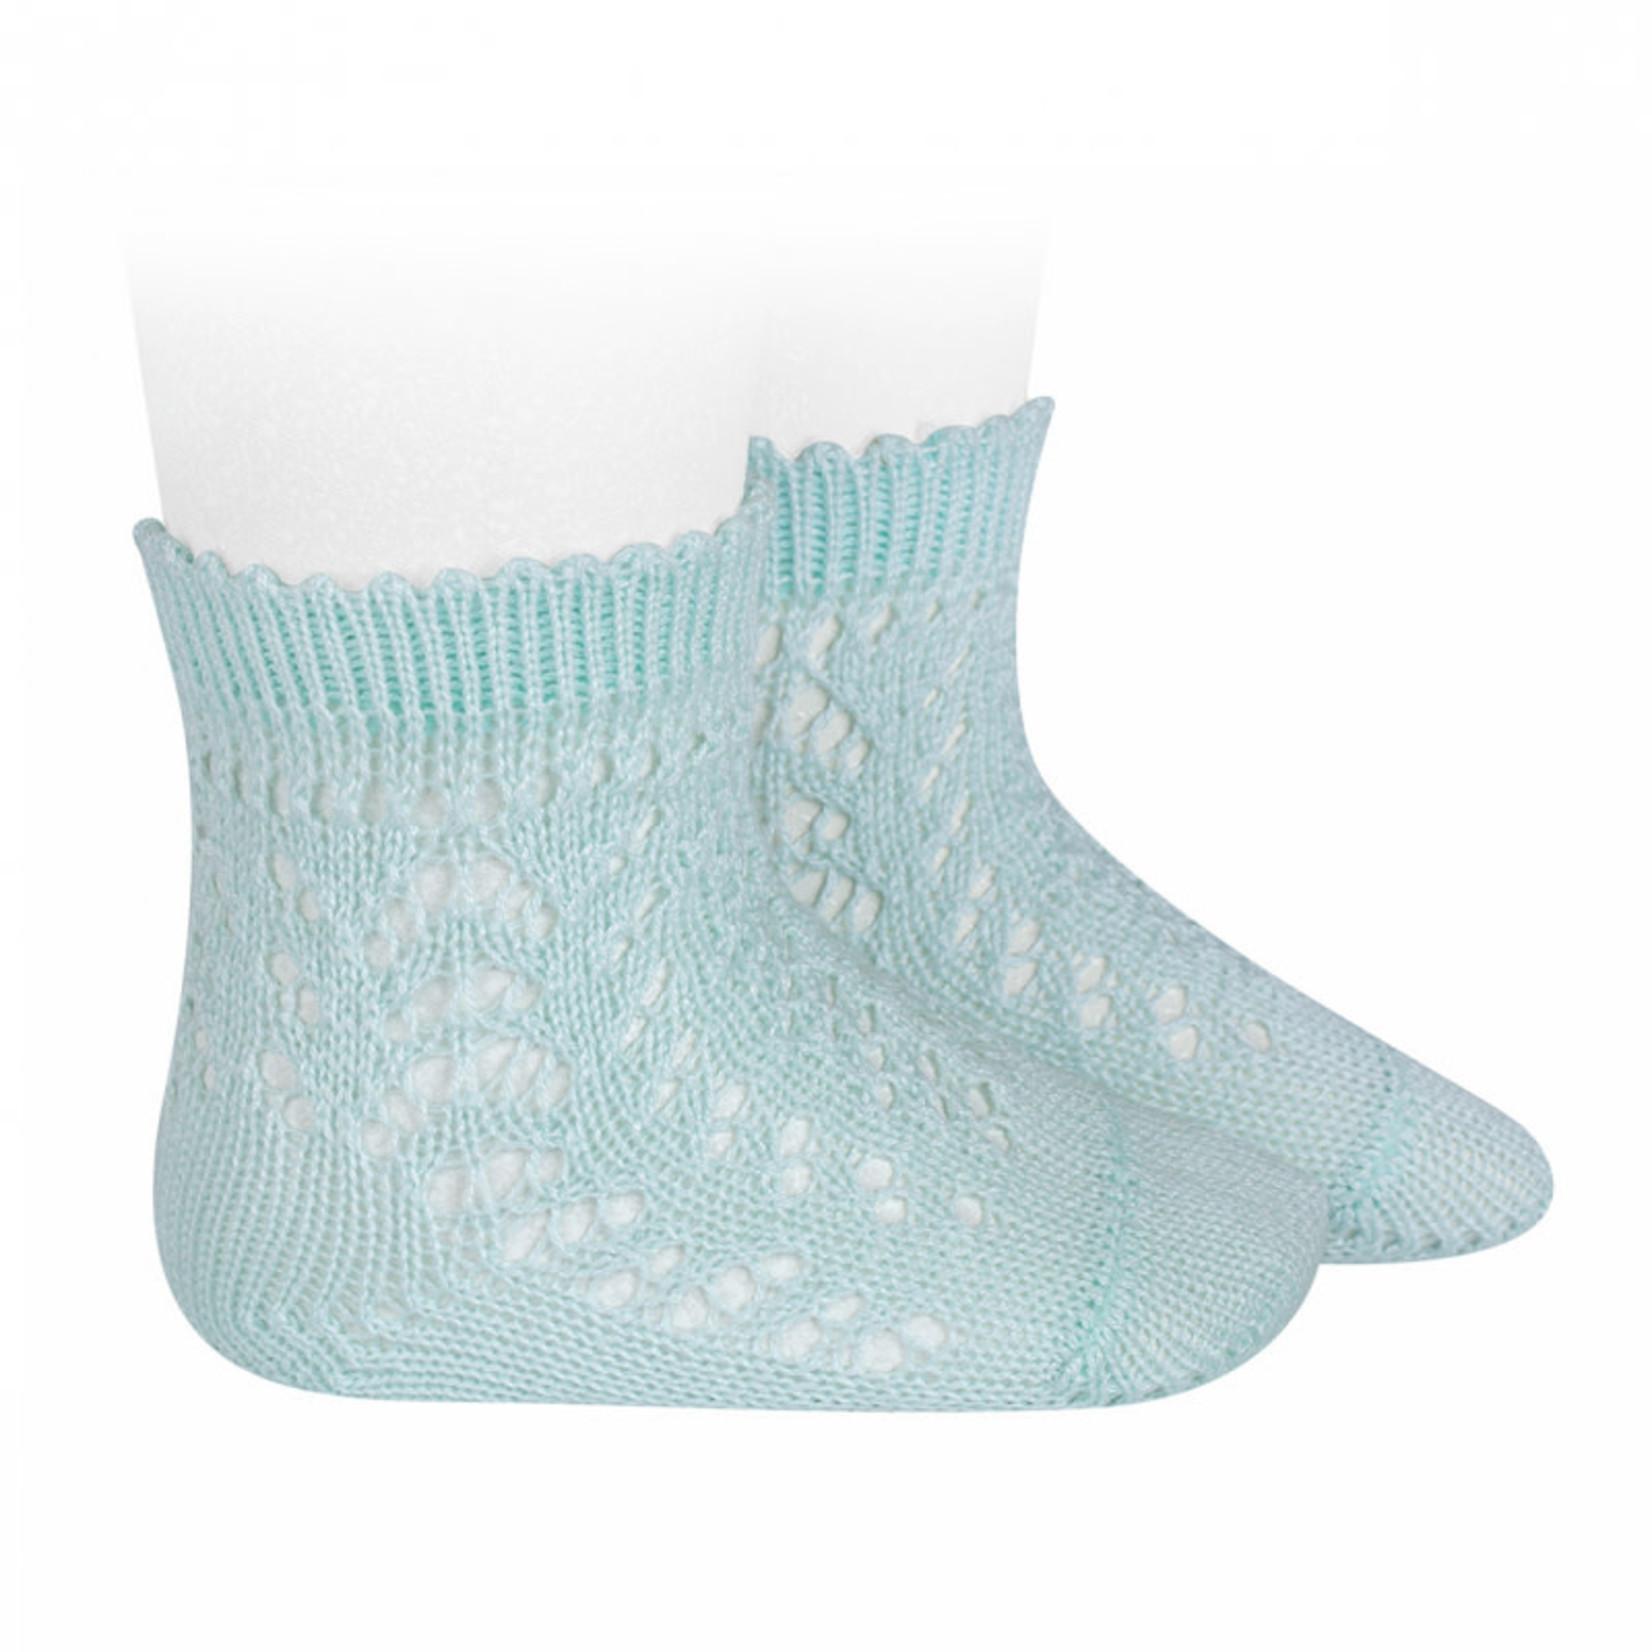 Copy of Socks Open - Light Blue